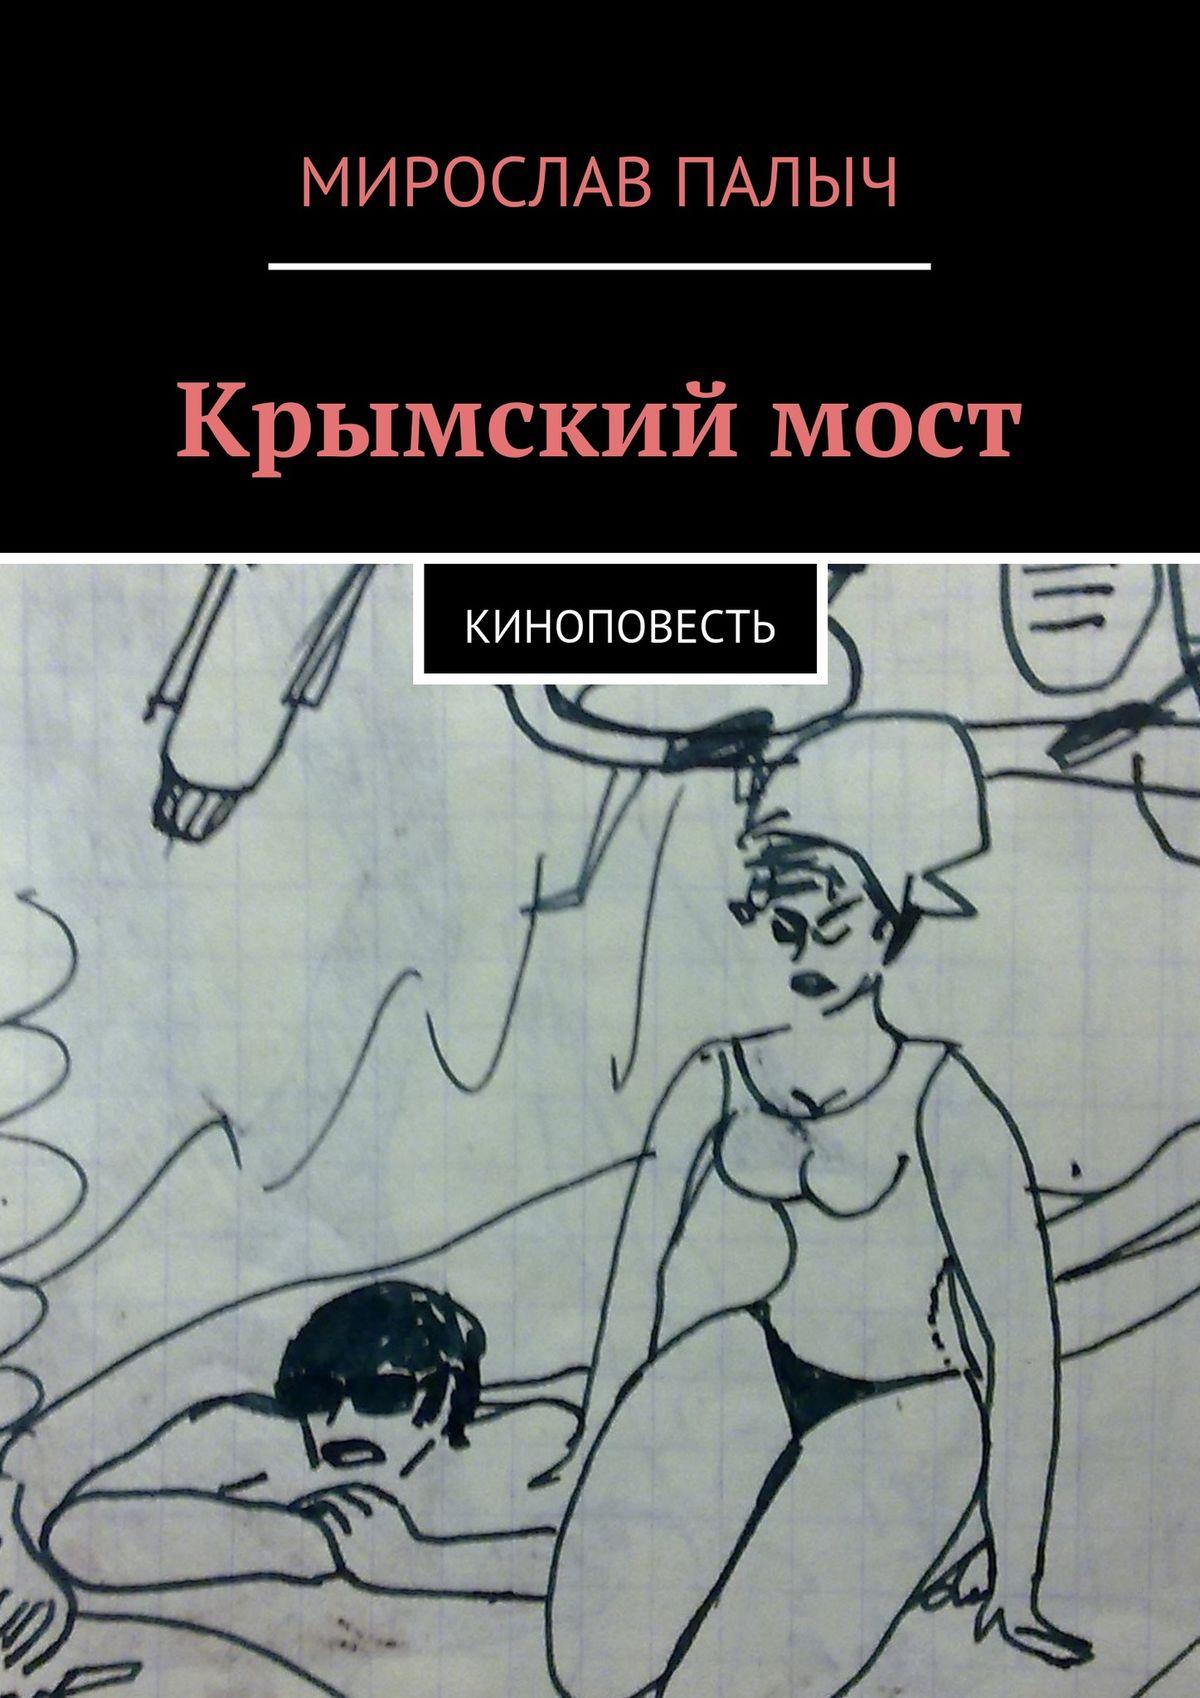 Крымский мост. Киноповесть